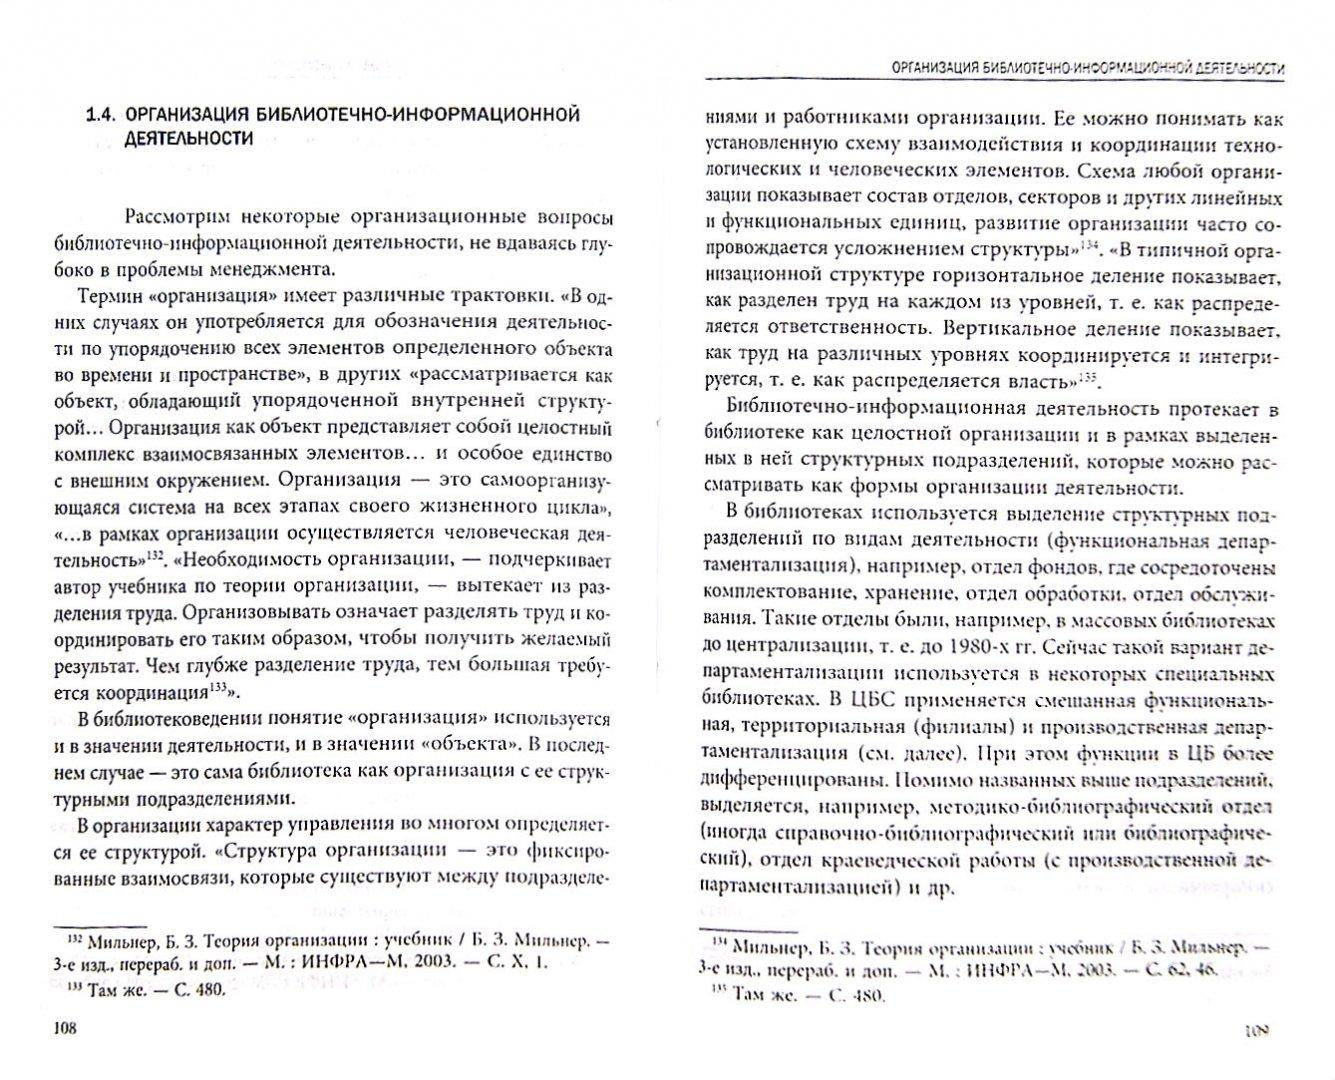 Иллюстрация 1 из 5 для Библиотечно-информационная деятельность - Маргарита Дворкина | Лабиринт - книги. Источник: Лабиринт